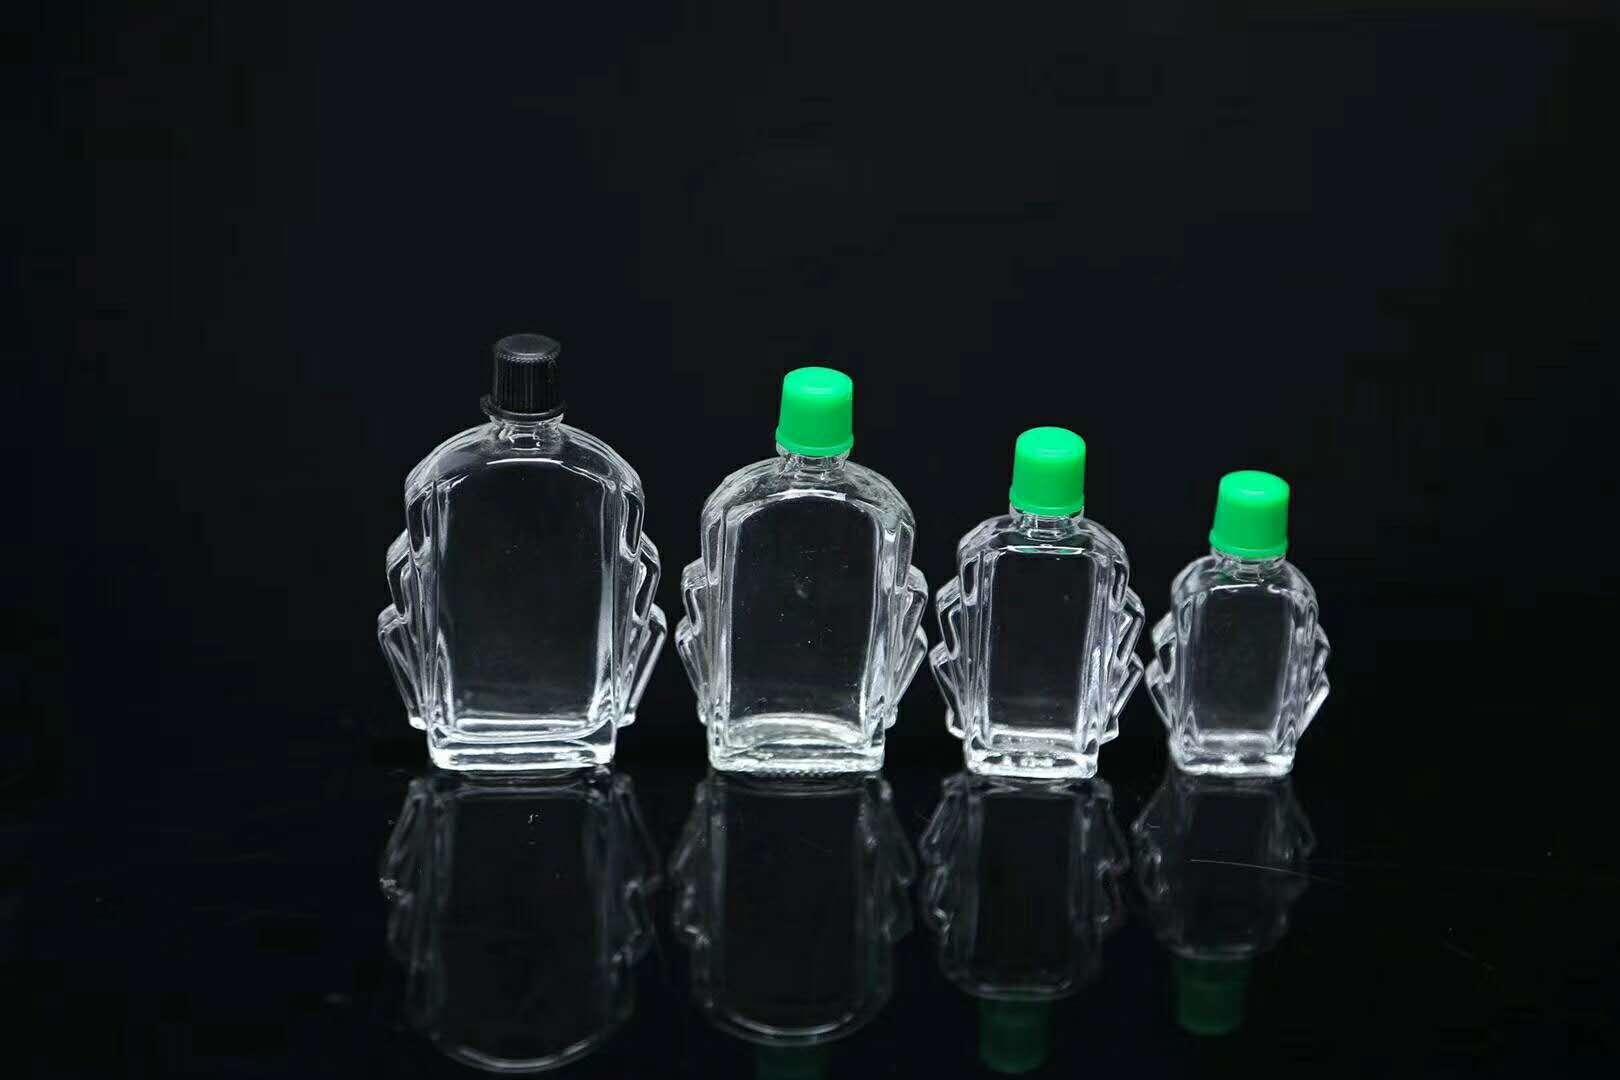 风油精瓶 2